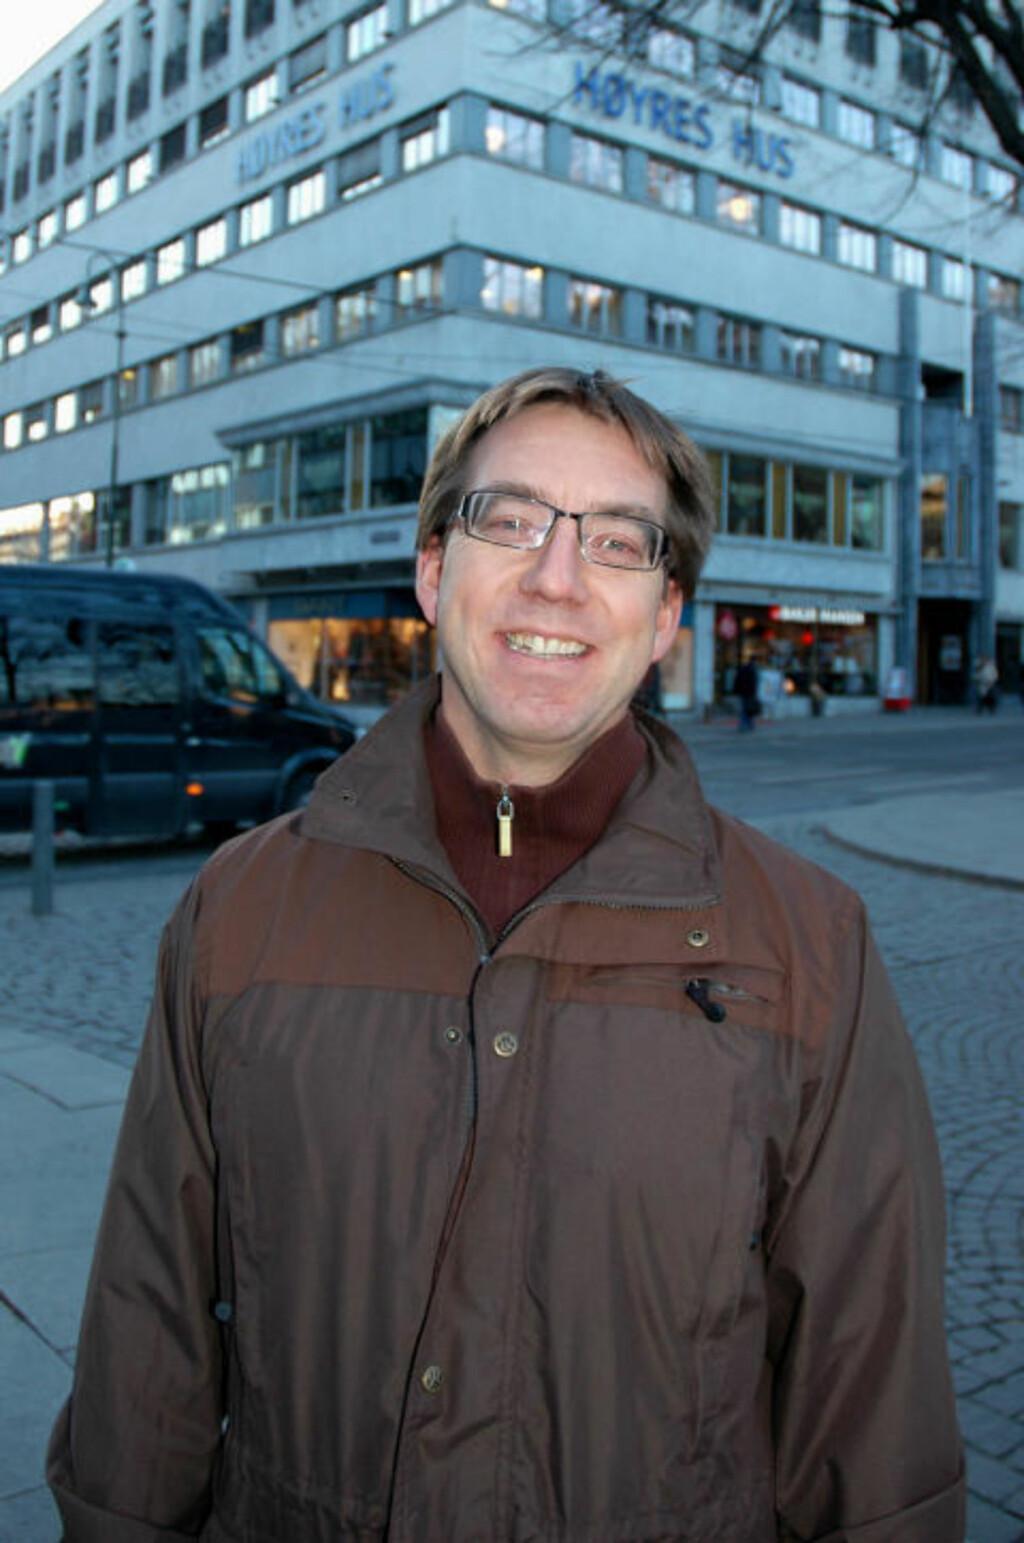 FRISKT UTSPILL: Rune Aale-Hansen i Oslo Høyre mener bestemt at bråket i Oslo sentrum om natta vil bli kraftig redusert dersom lokallaget får gjennomslag for forslaget om uinnskrenkede skjenketider og oppheving av skjenkeringen. Her foran Høyres Hus, som for øvrig også huser det kjente dansestedet Frascati. Foto: Bjørn Ove Fjellandsbø